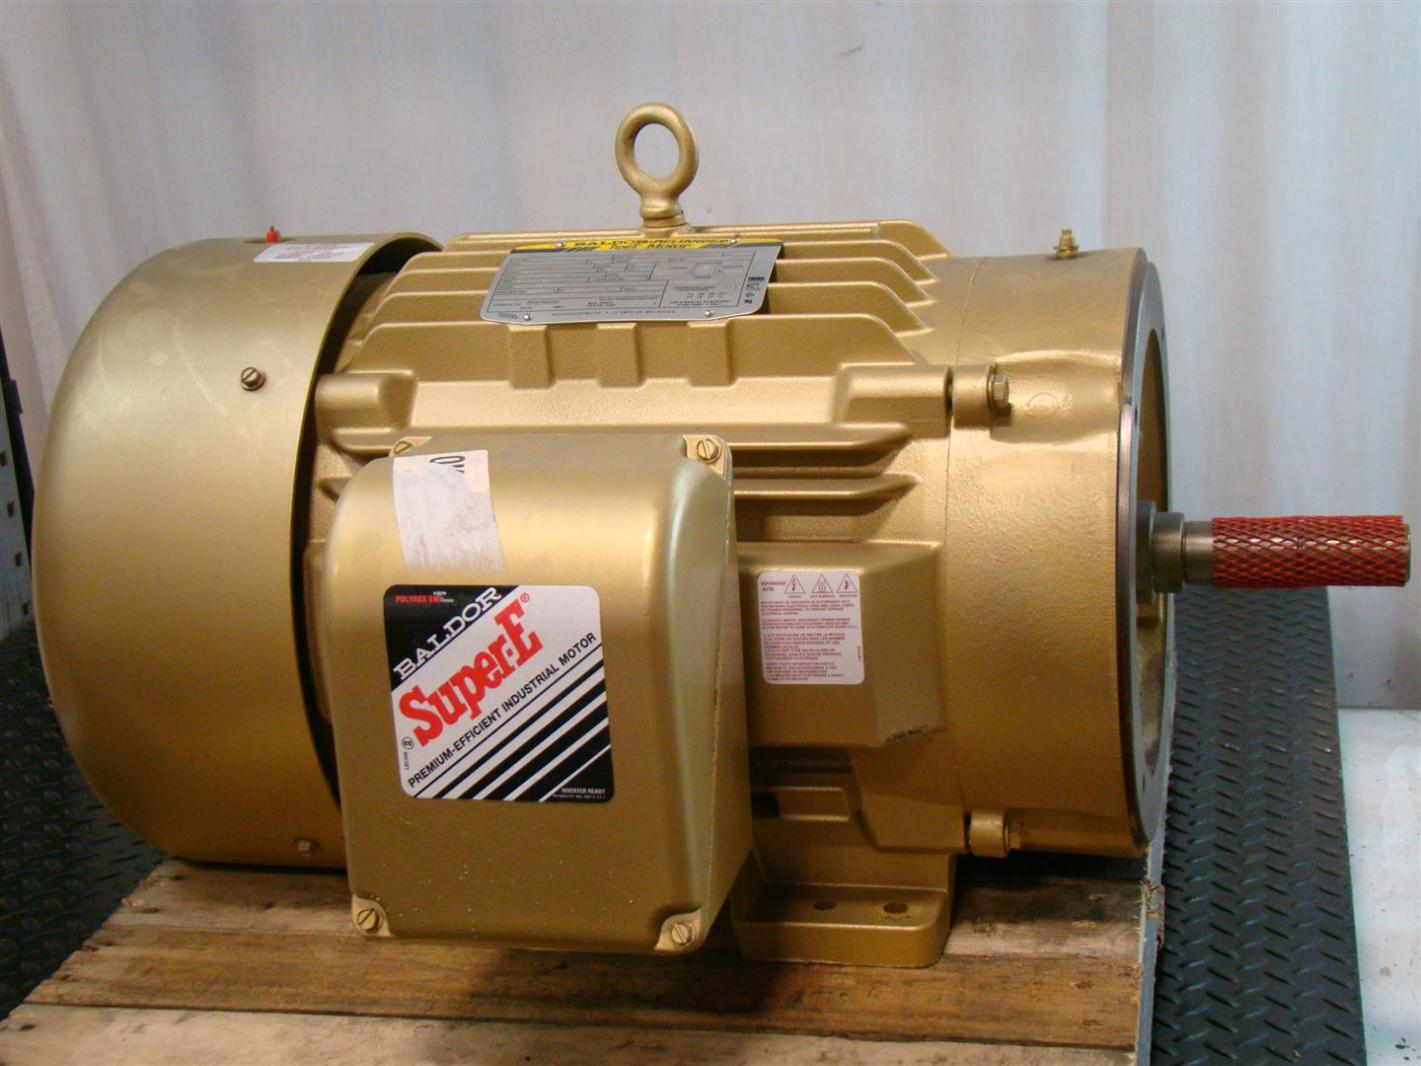 Baldor reliancer super e motor 30hp 3520rpm 230 460v 66 for Baldor reliance super e motor